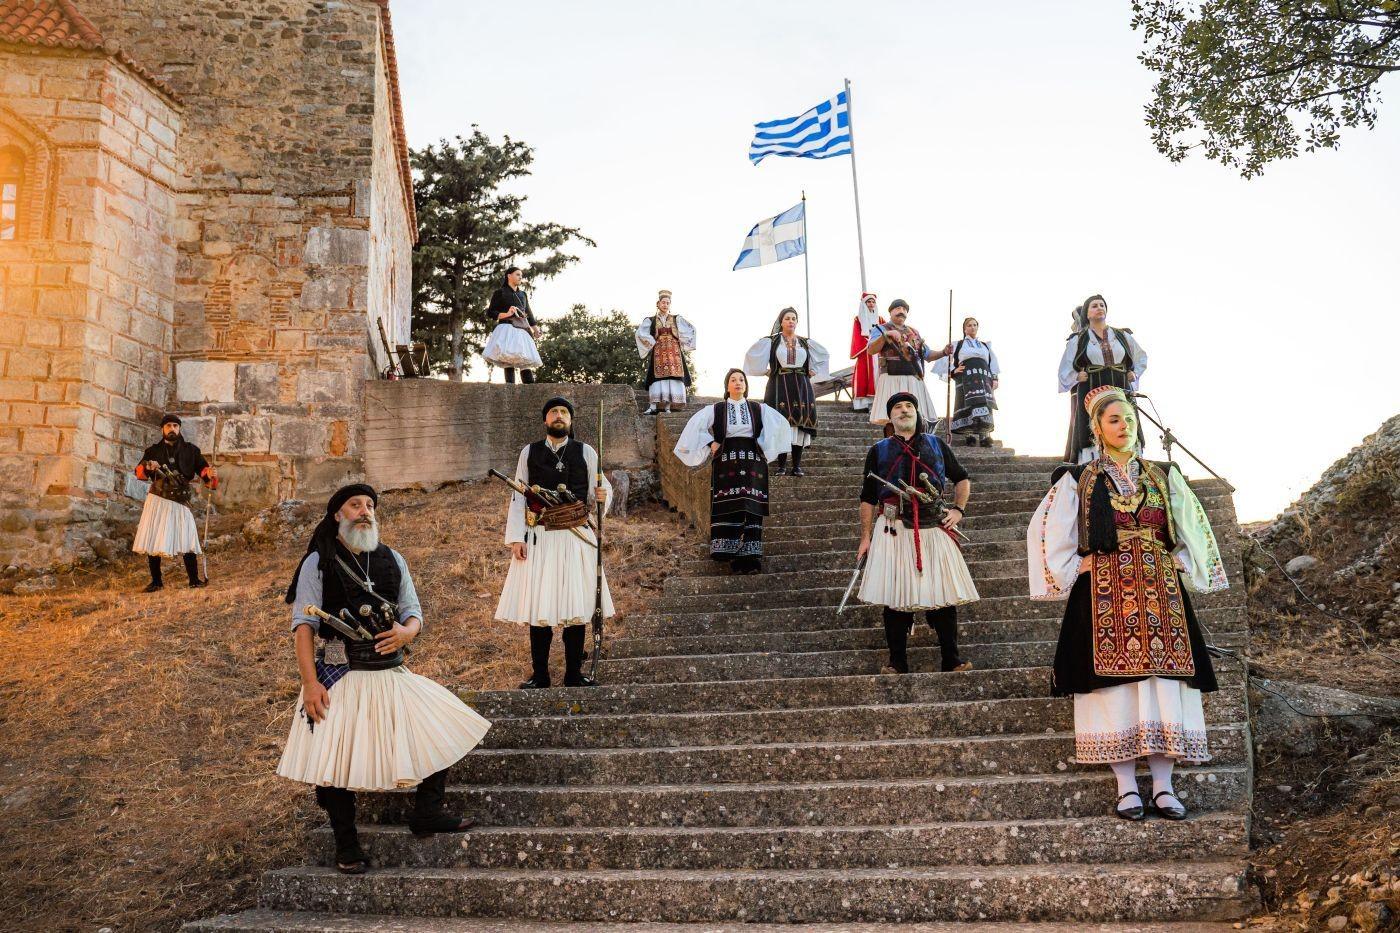 Αγγελόκαστρο: Εντυπωσίασε η ιστορική εκδήλωση για τα «200 χρόνια Λευτεριάς, στο Κάστρο των Αγγέλων»